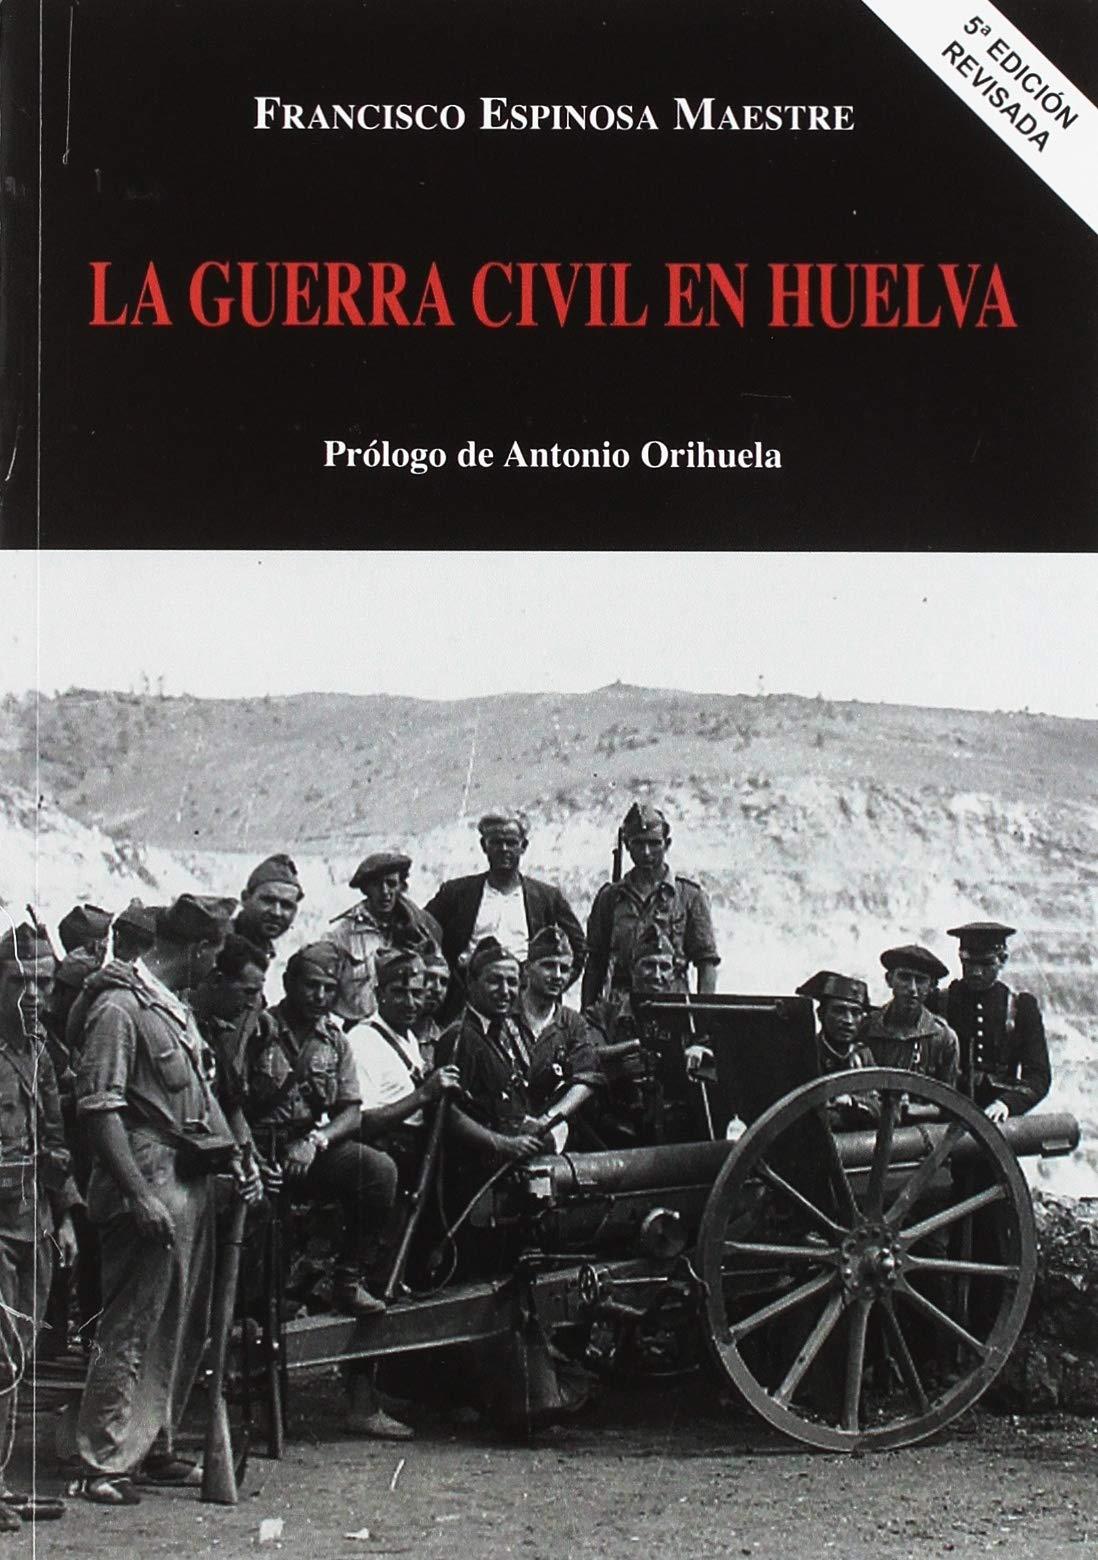 LA GUERRA CIVIL EN HUELVA: Amazon.es: FRANCISCO ESPINOSA MAESTRE: Libros